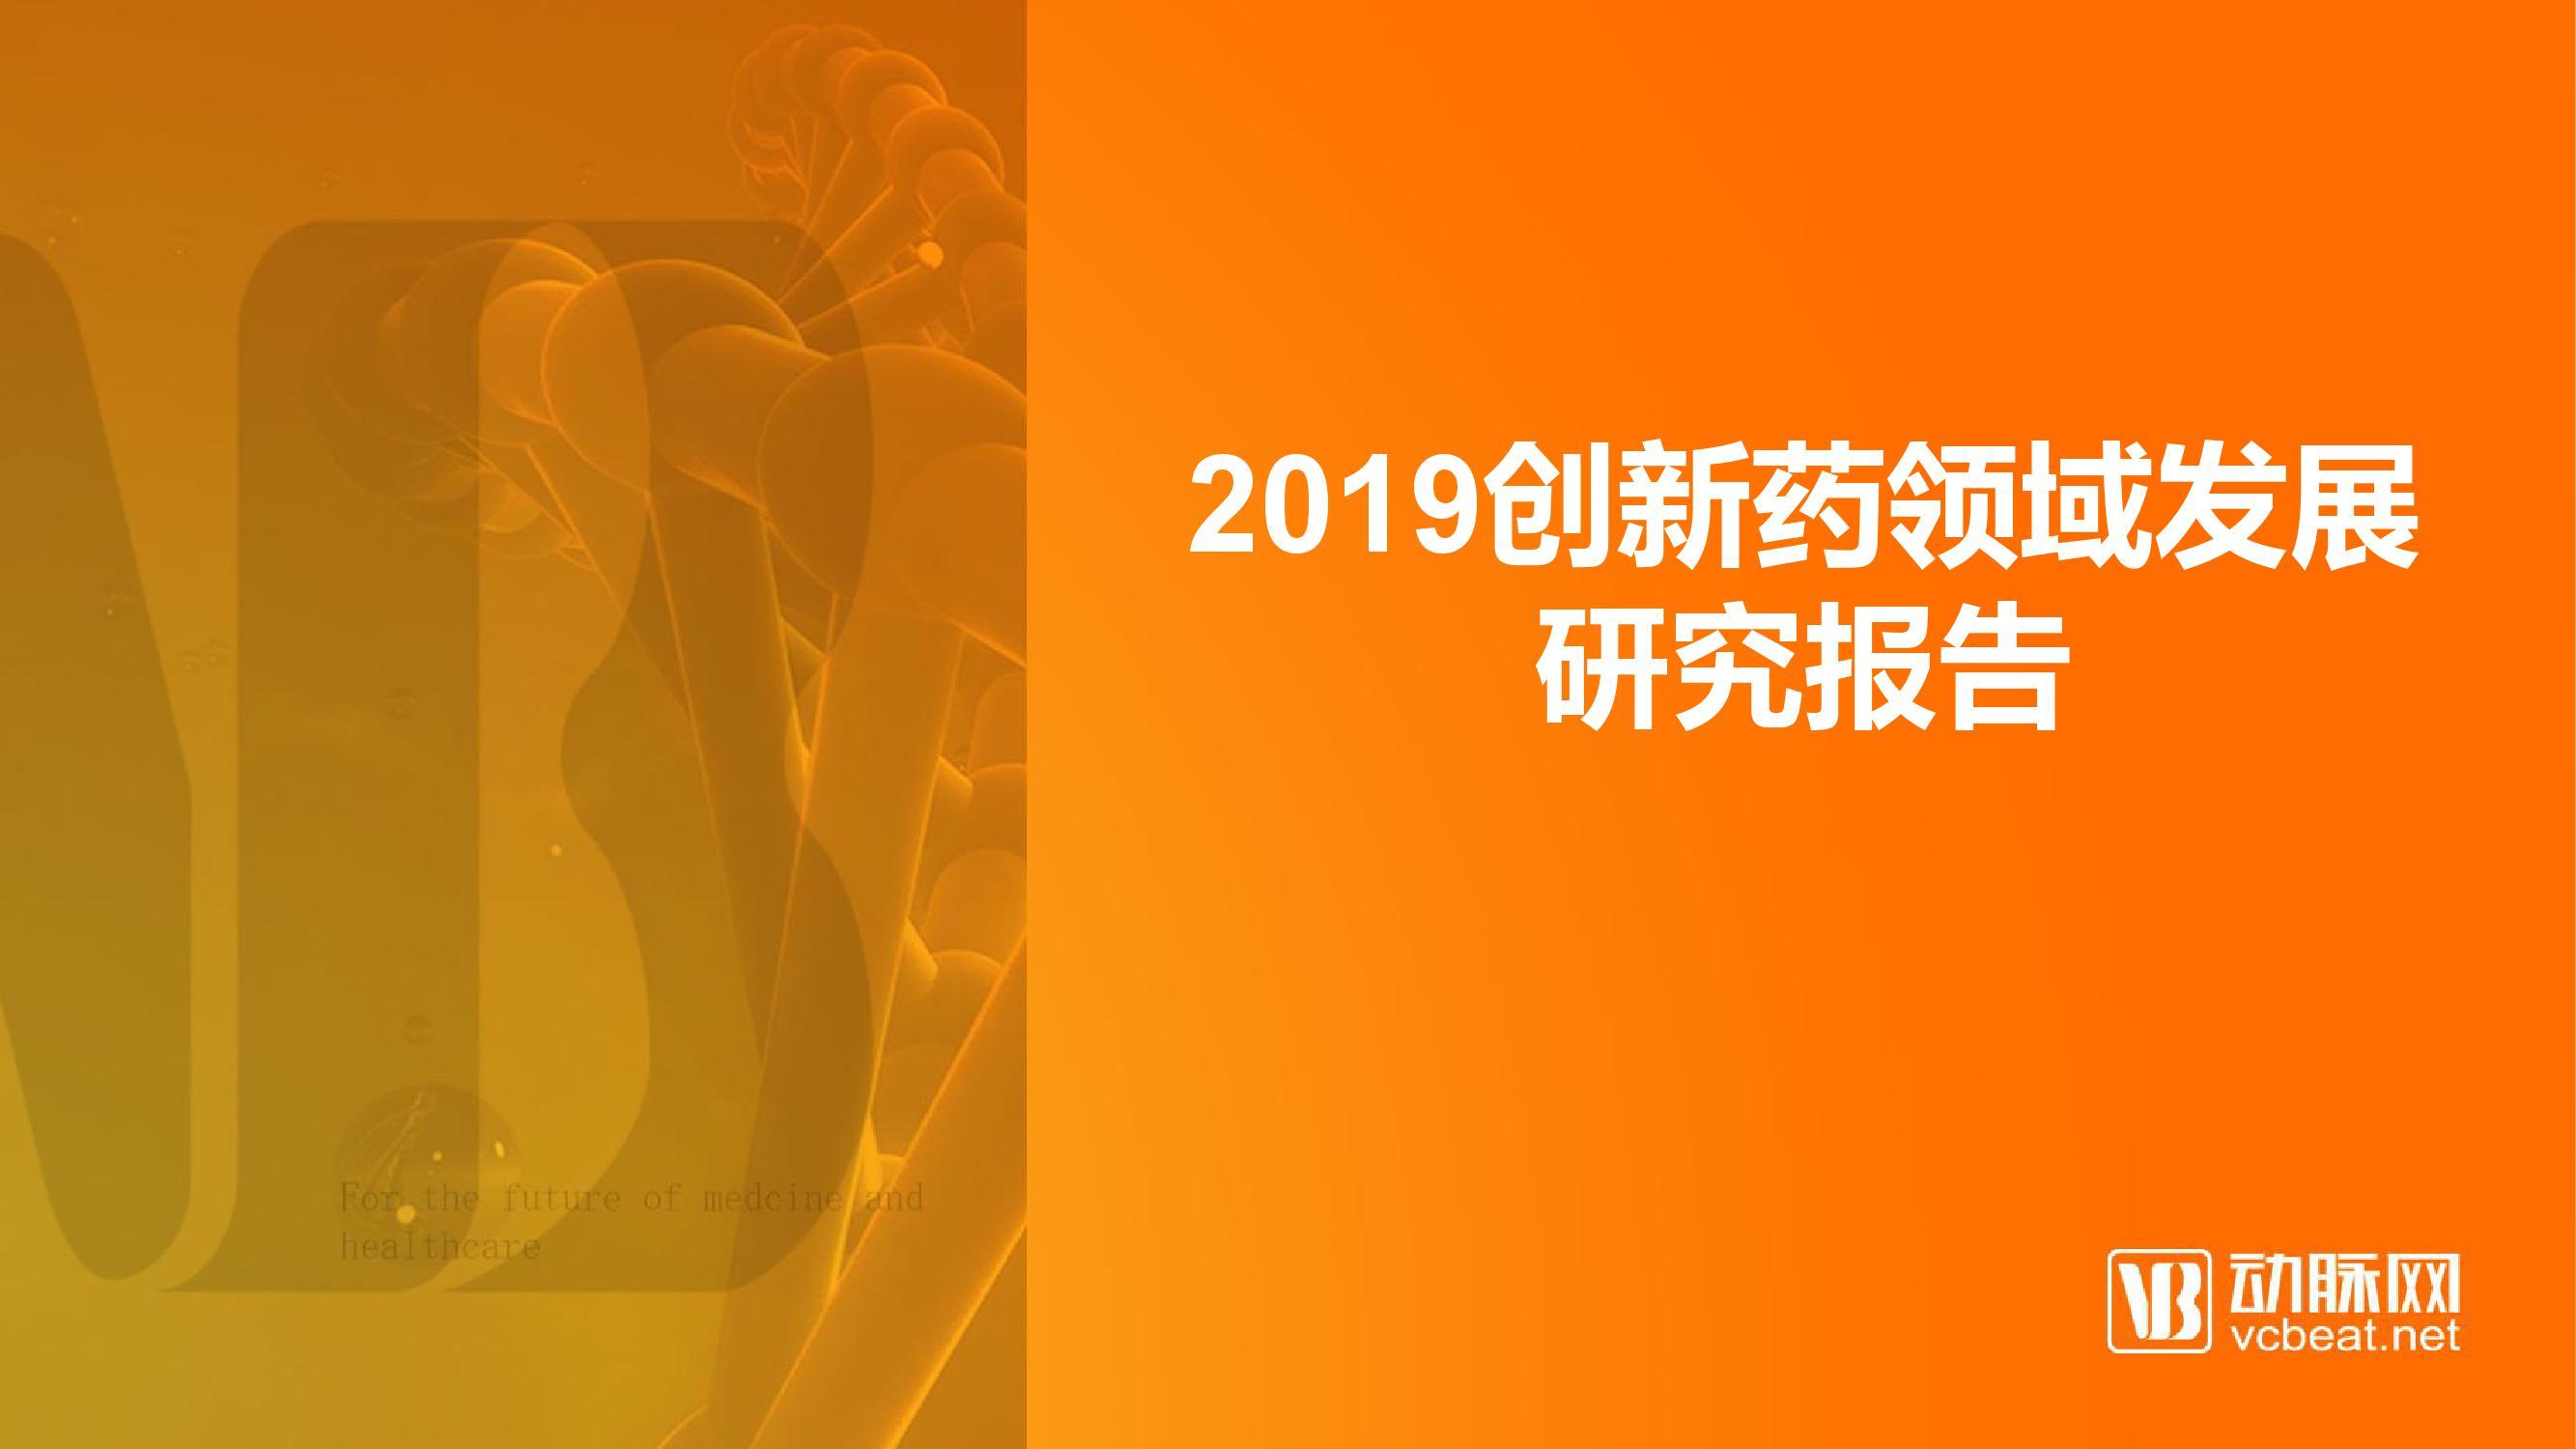 蛋壳研究院:2019创新药领域发展研究报告(附下载)